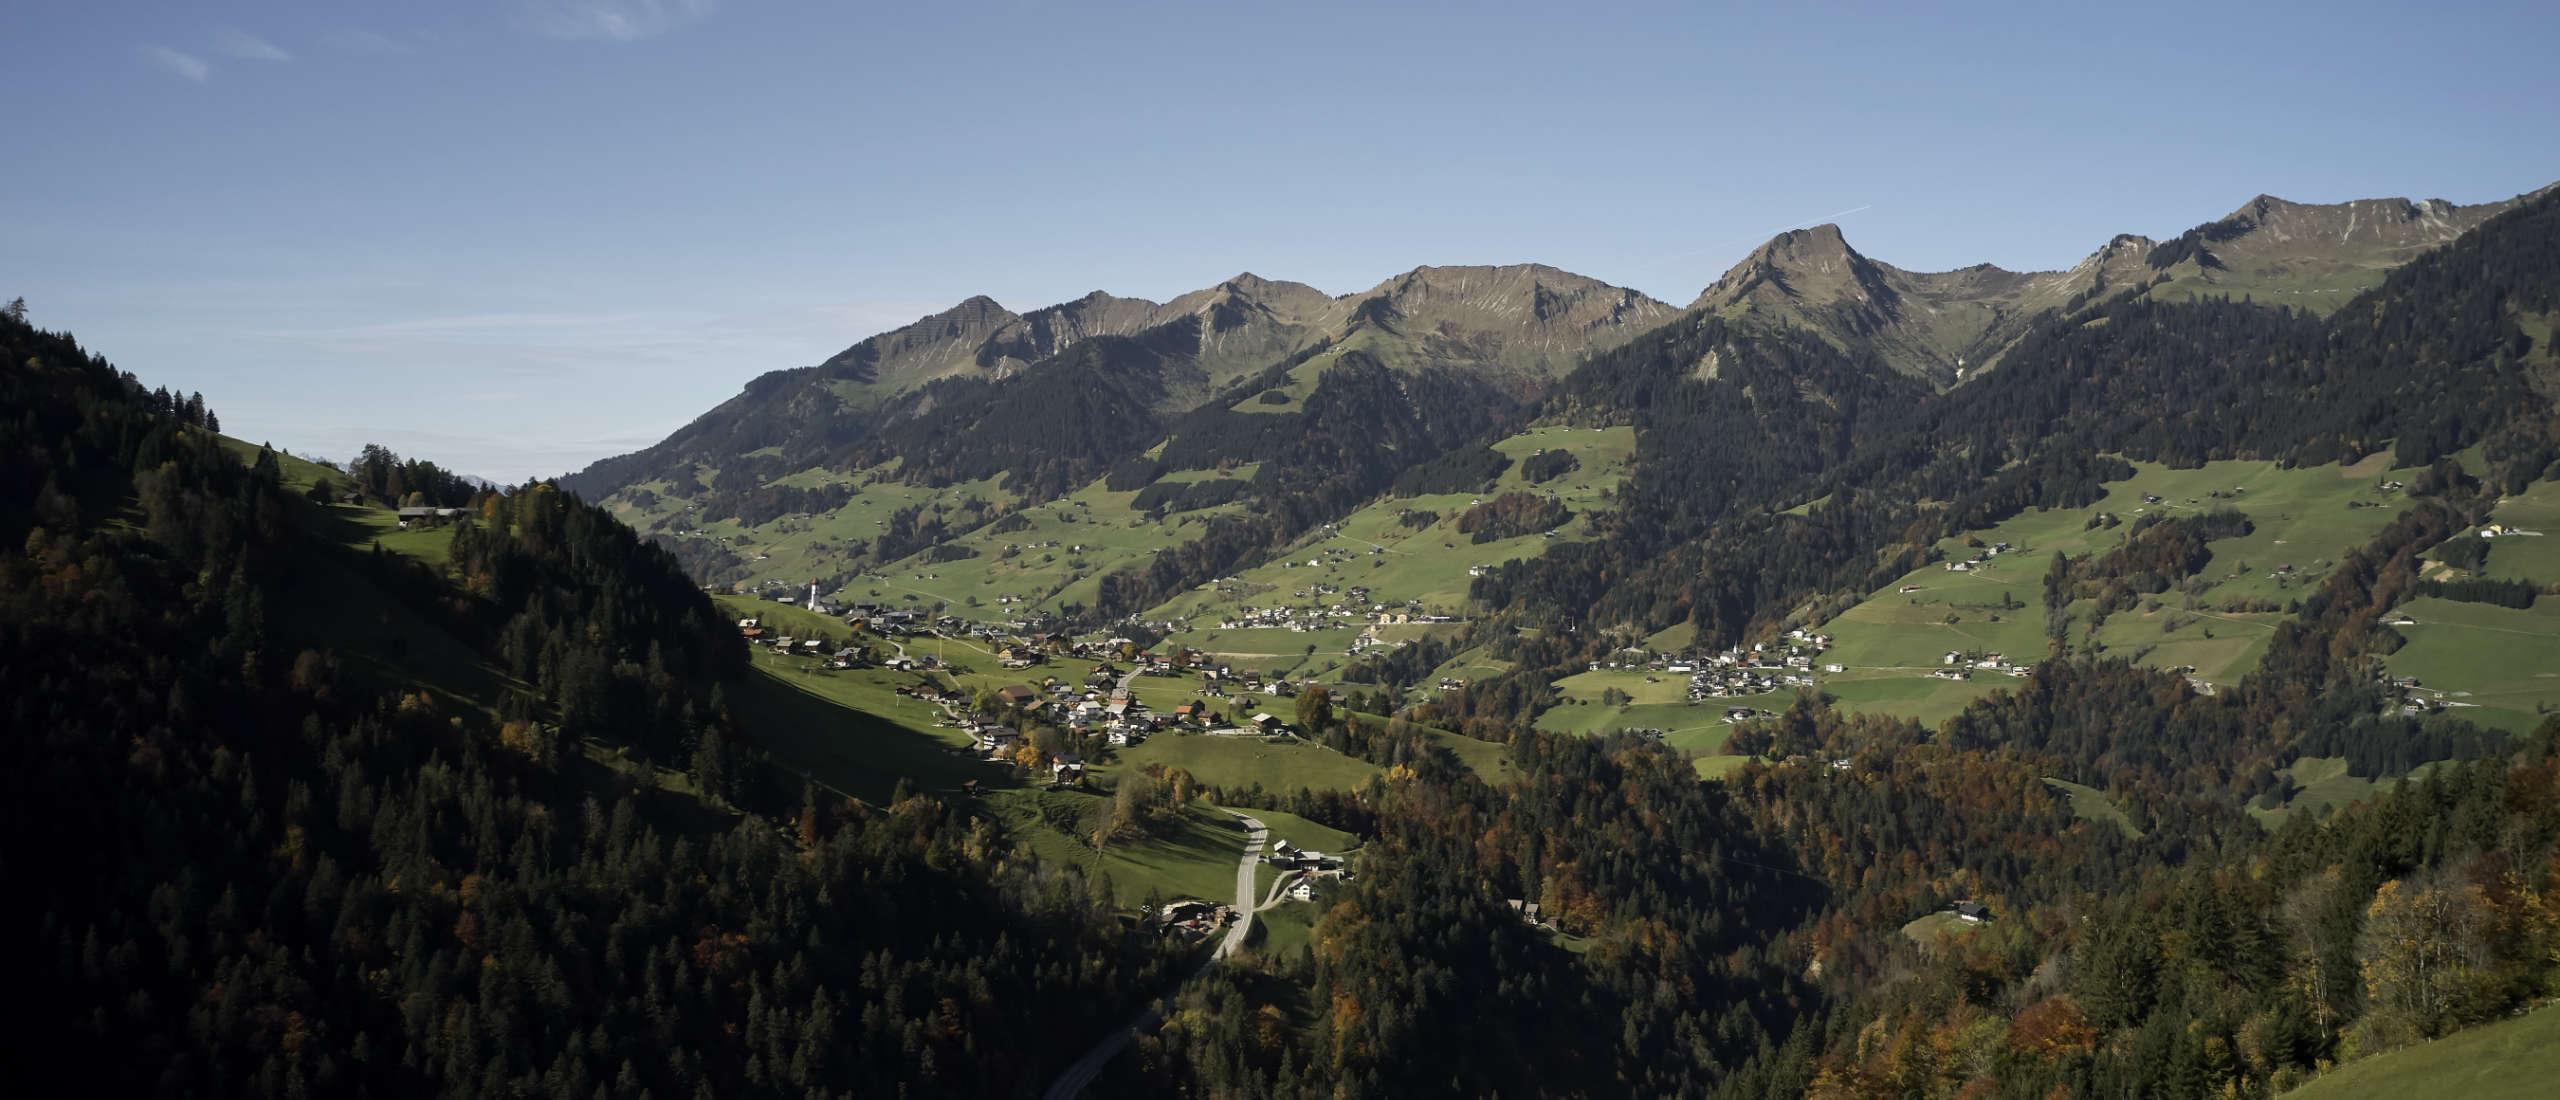 Walser valley Vorarlberg in fall